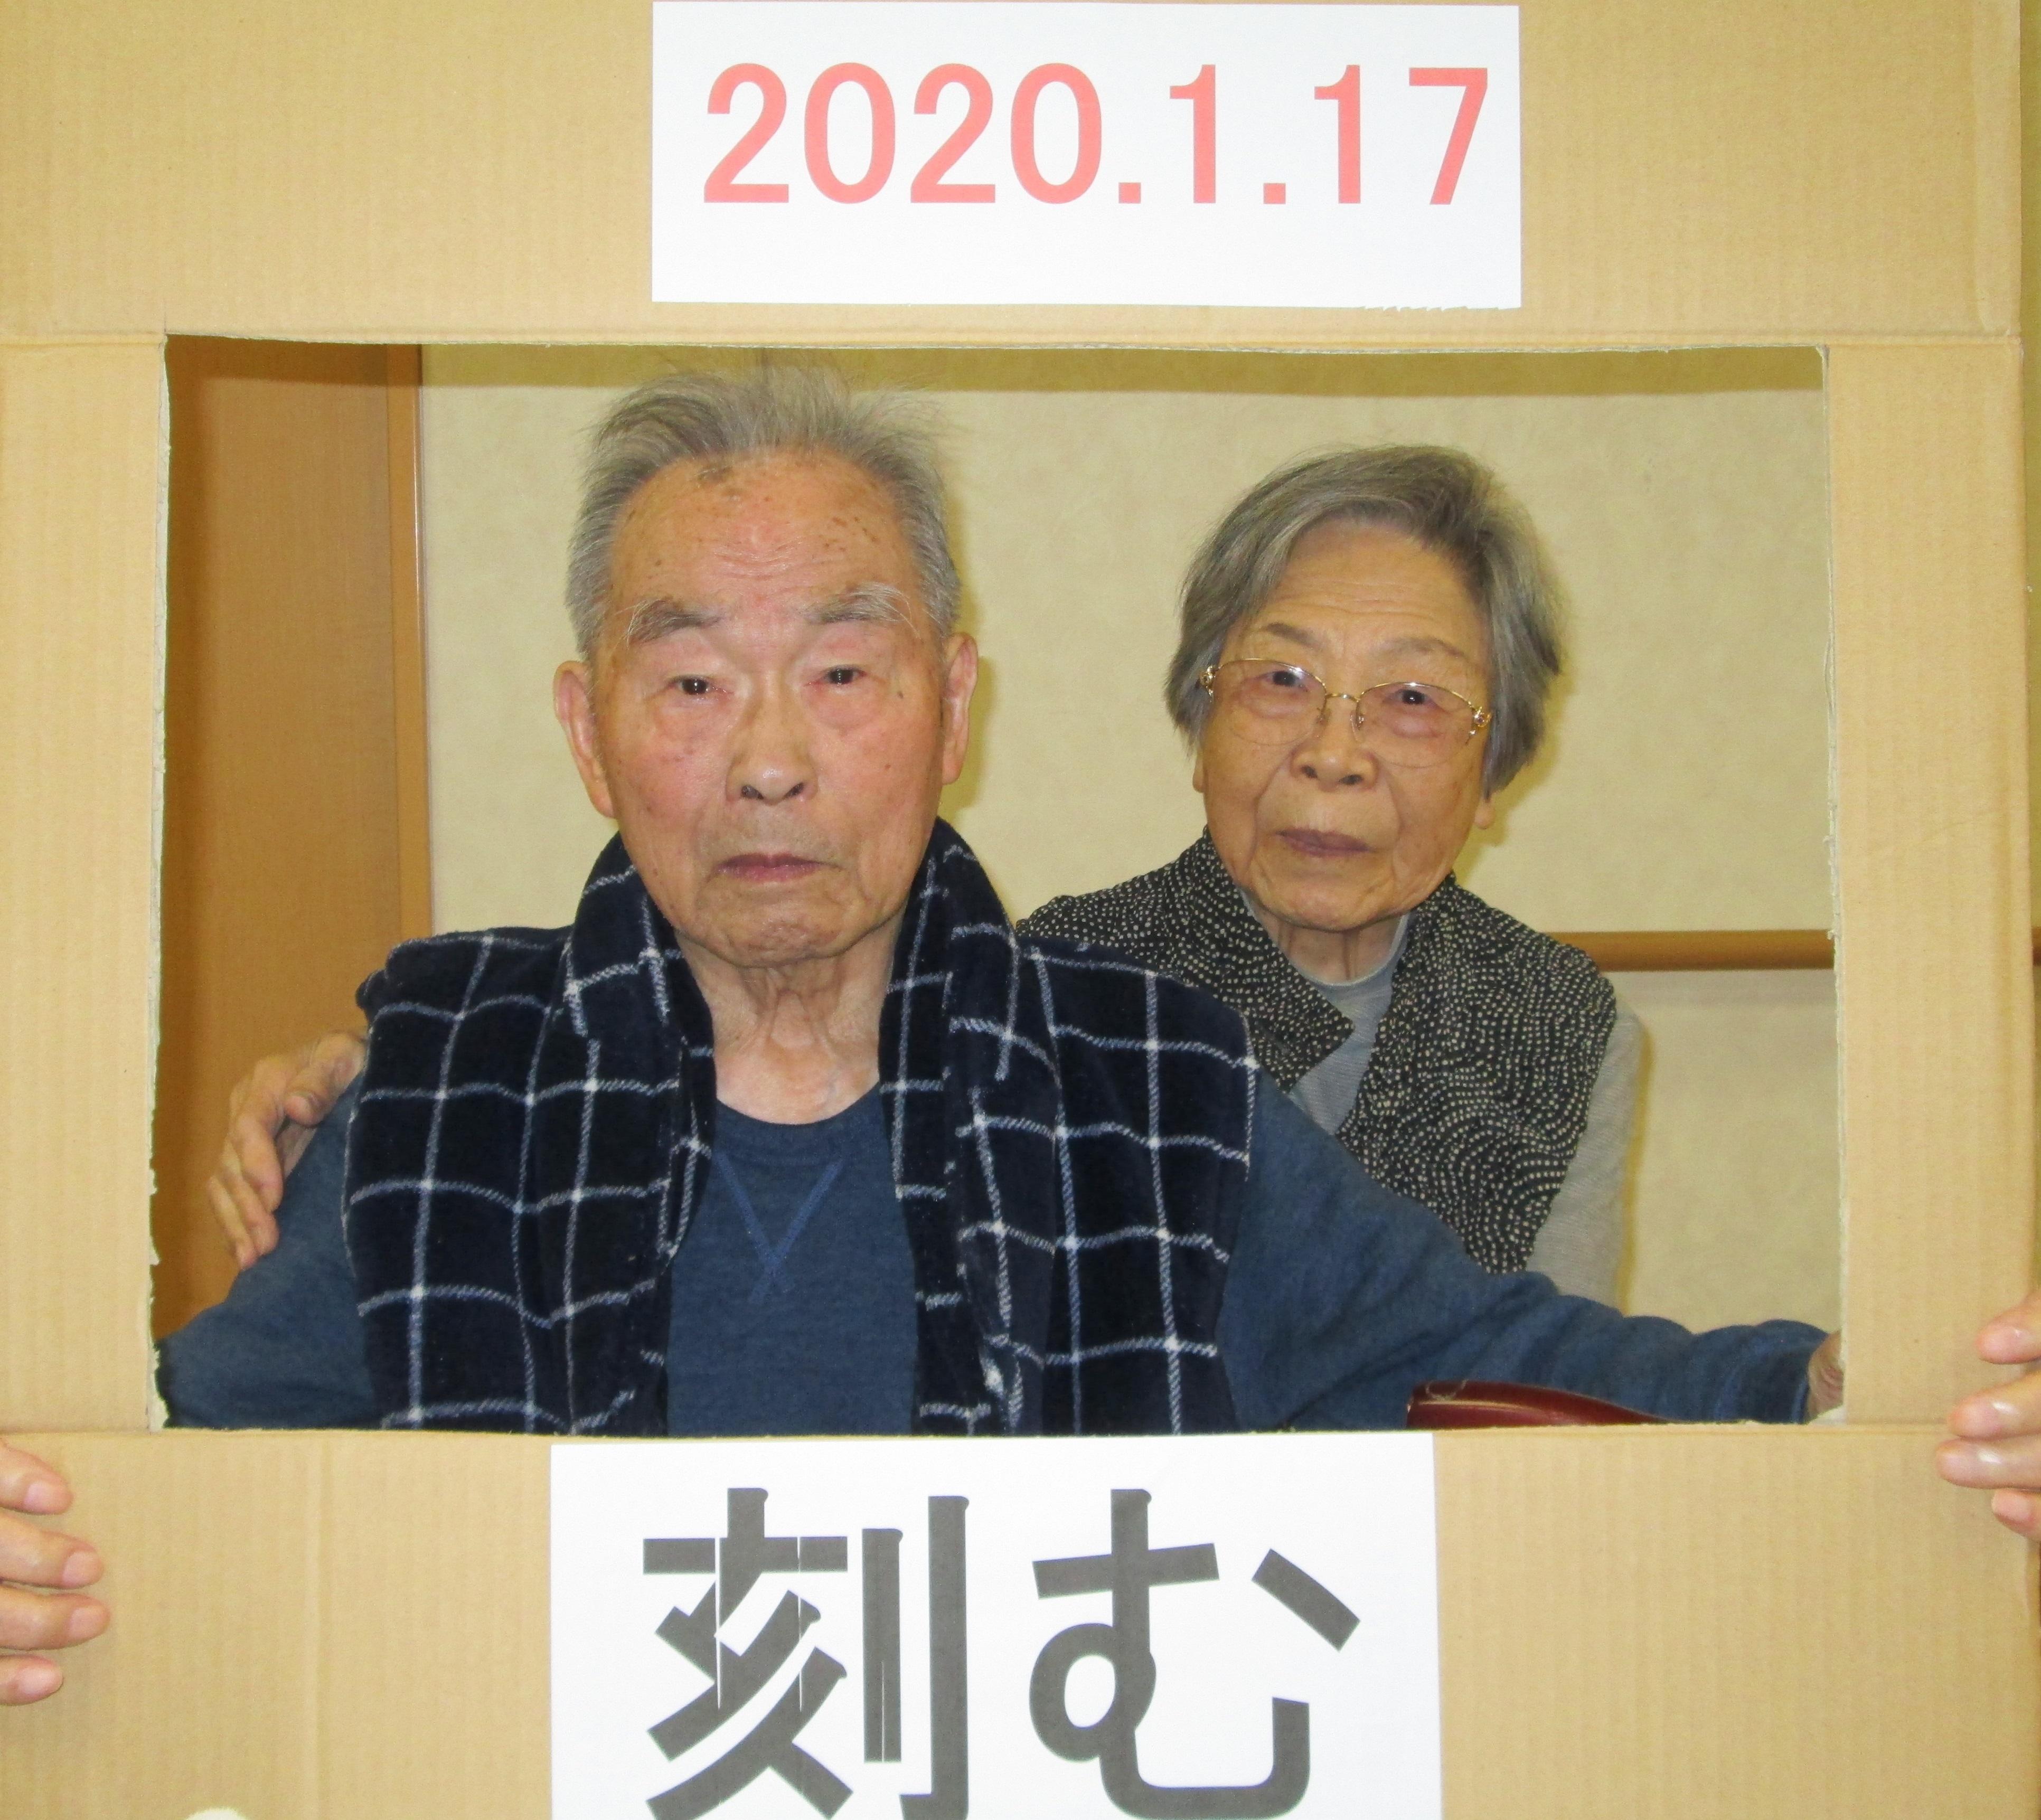 2020.1.17  きざむ